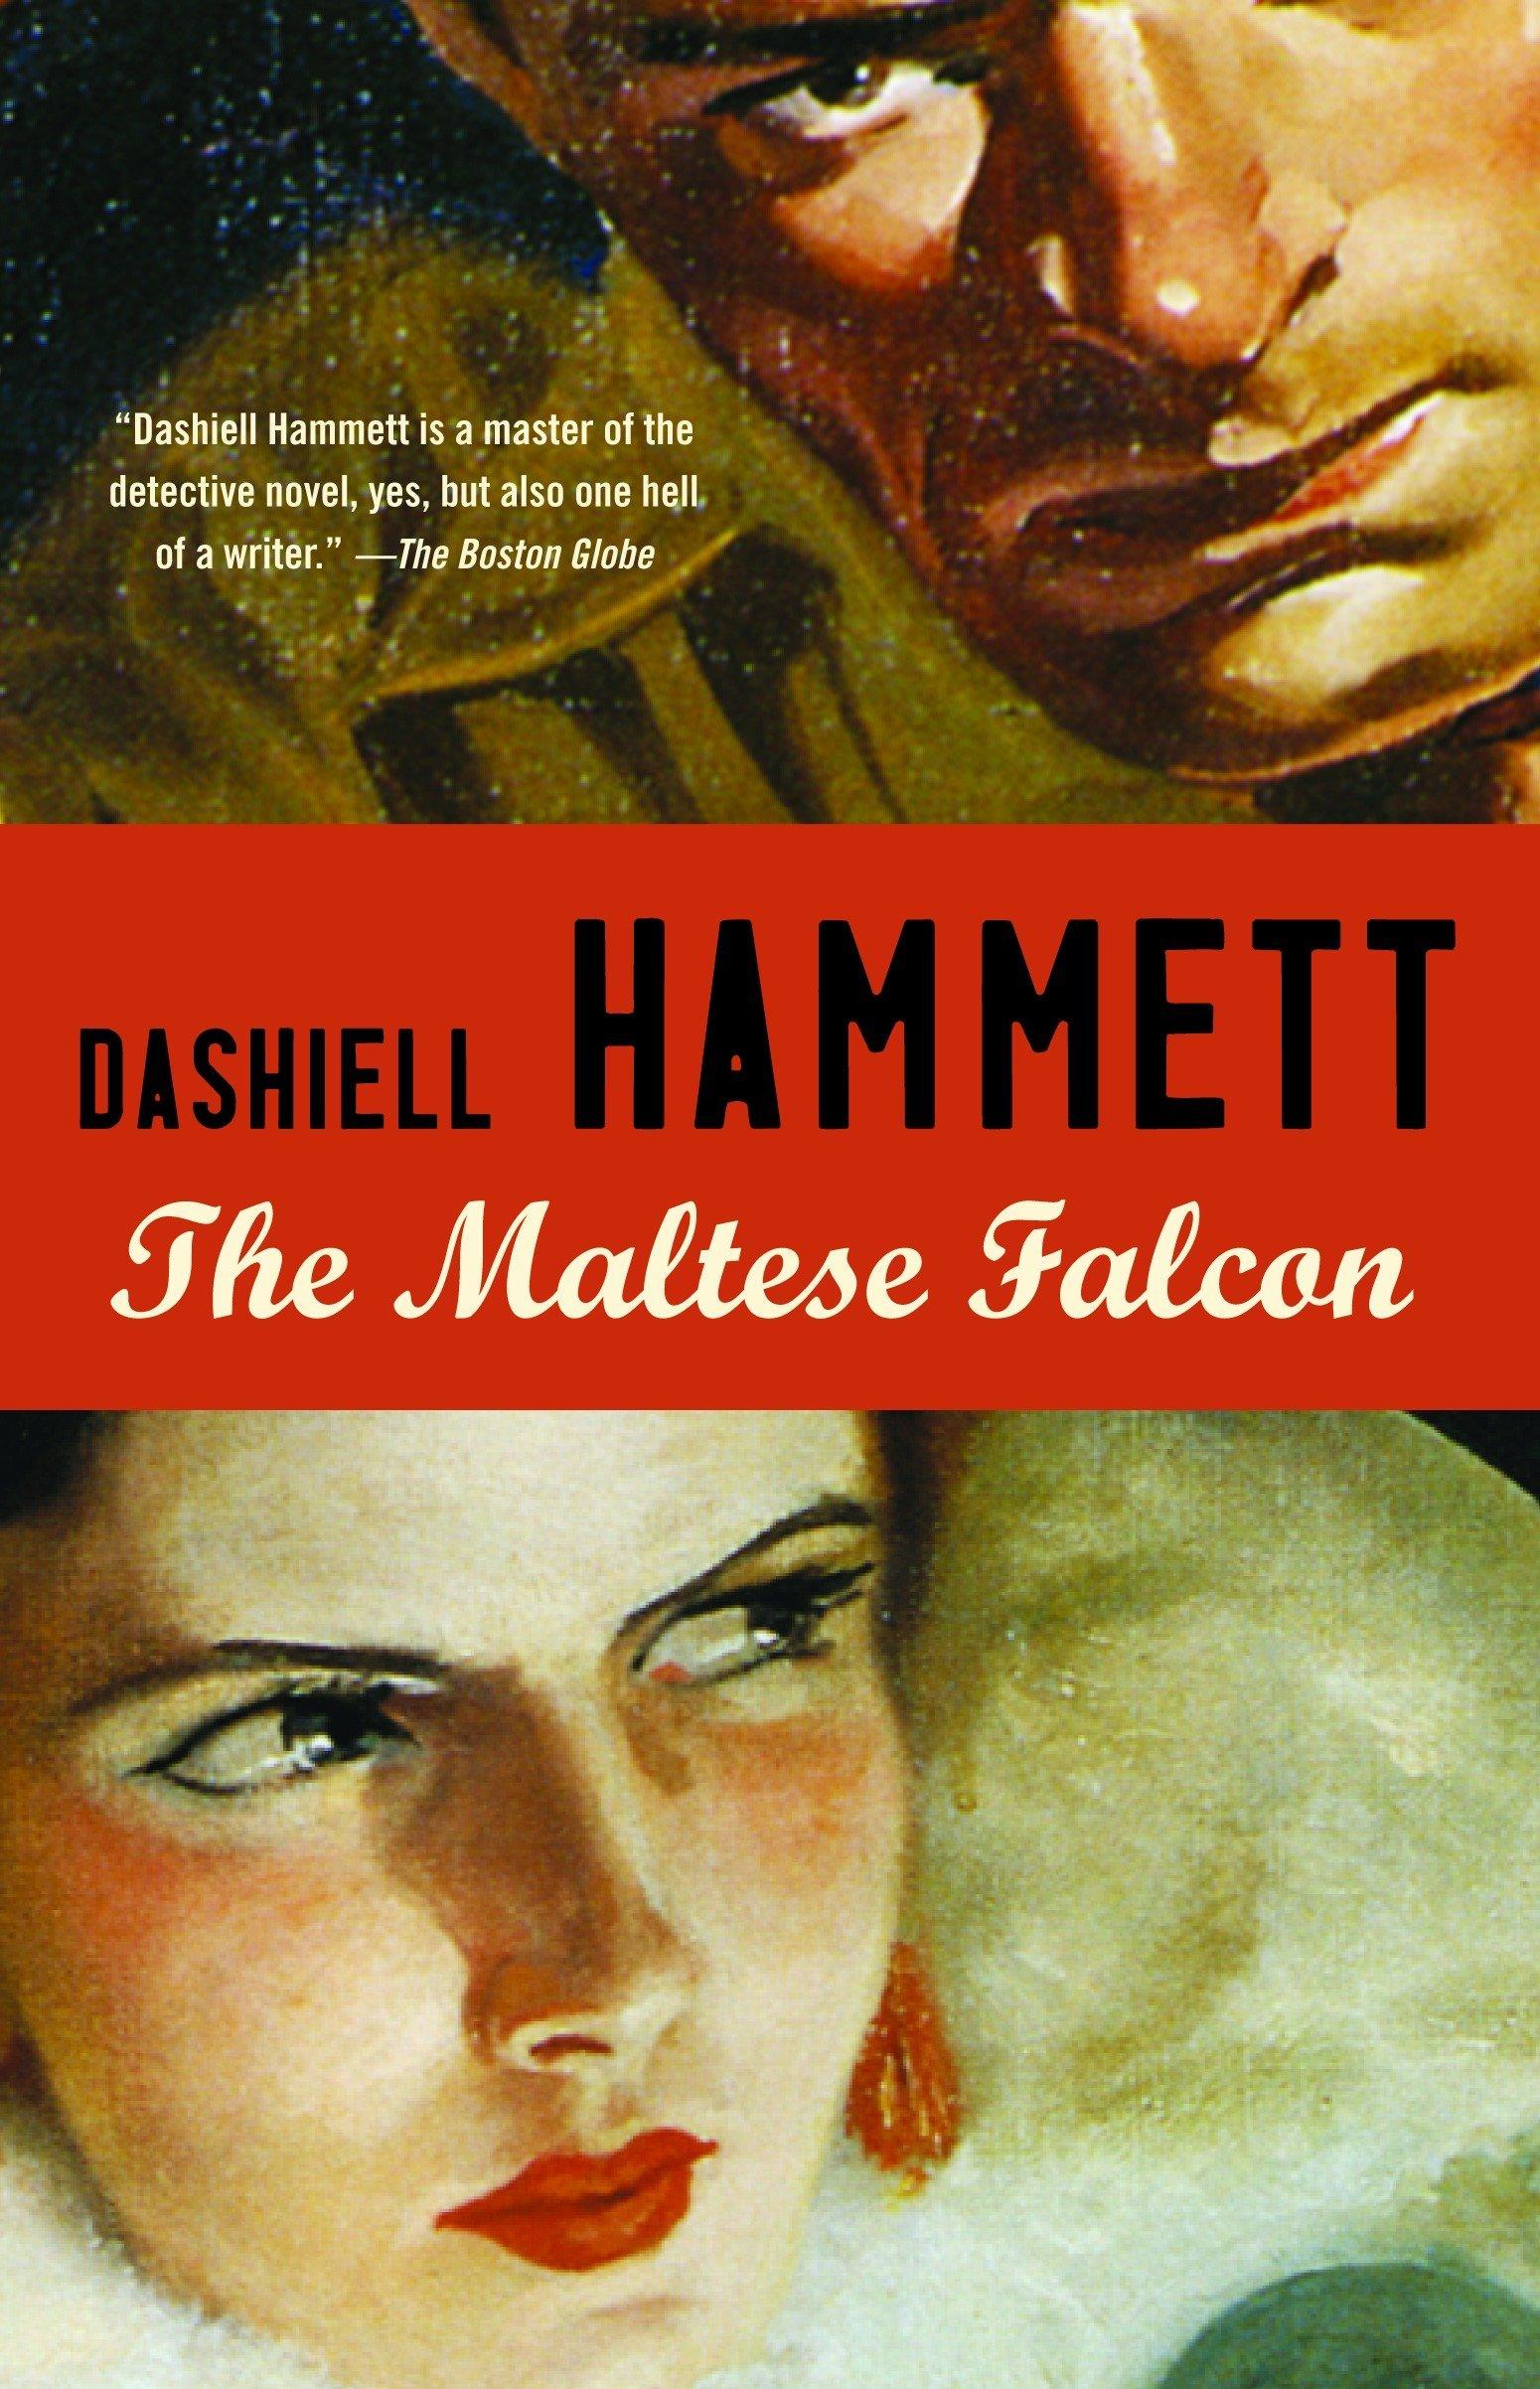 The Maltese Falcon: Dashiell Hammett: 8601400331149: Amazon.com: Books